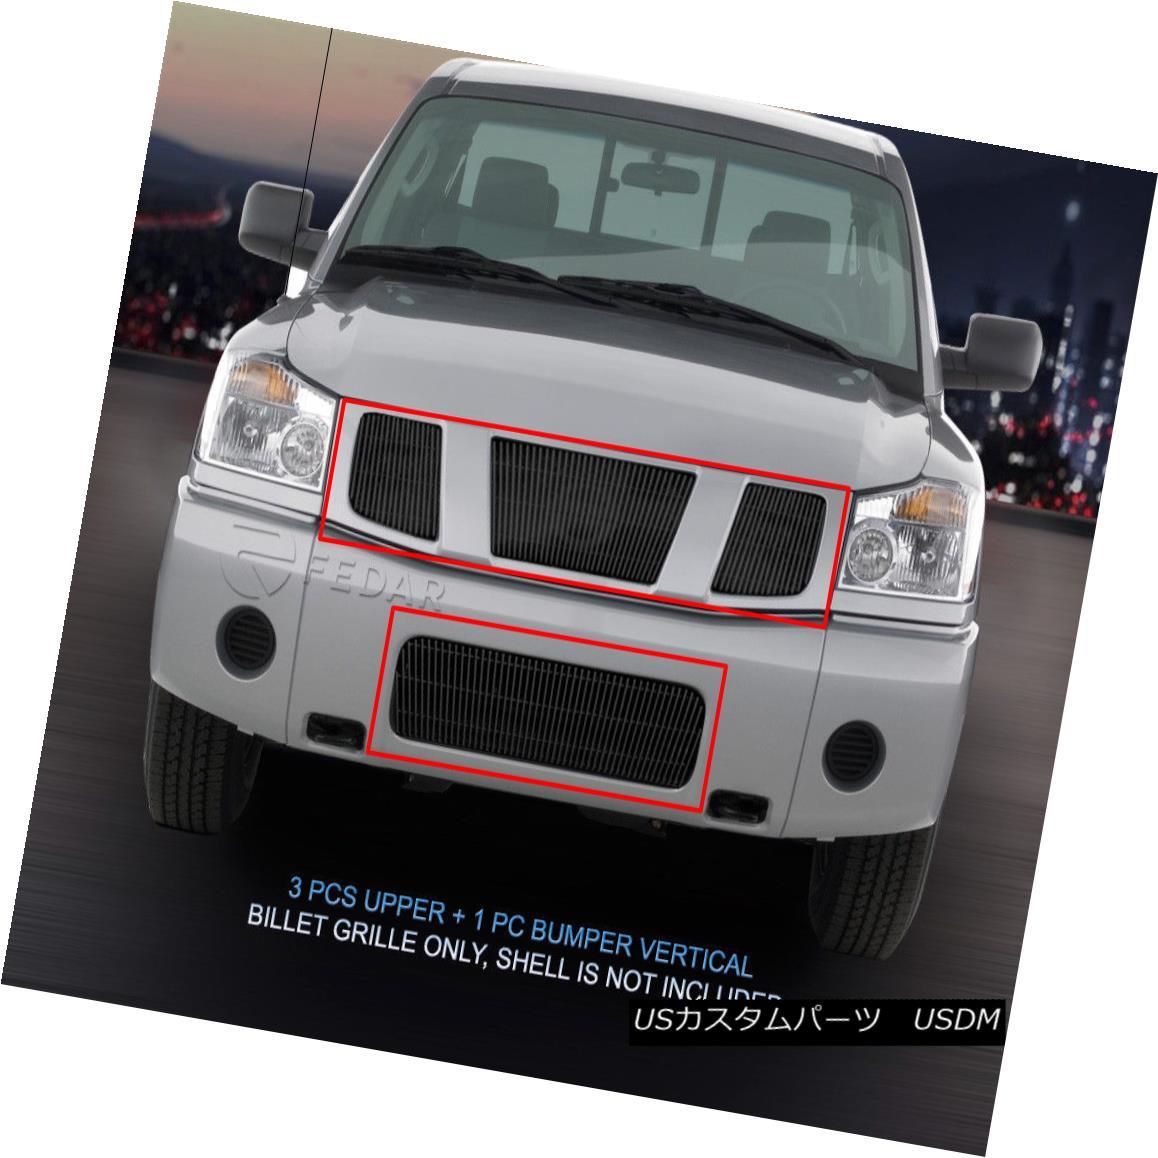 グリル Fedar Fits 2004-2007 Nissan Titan/Armada Black Billet Grille Combo Fedar Fits 2004-2007 Nissan Titan / Armada Black Billetグリルコンボ